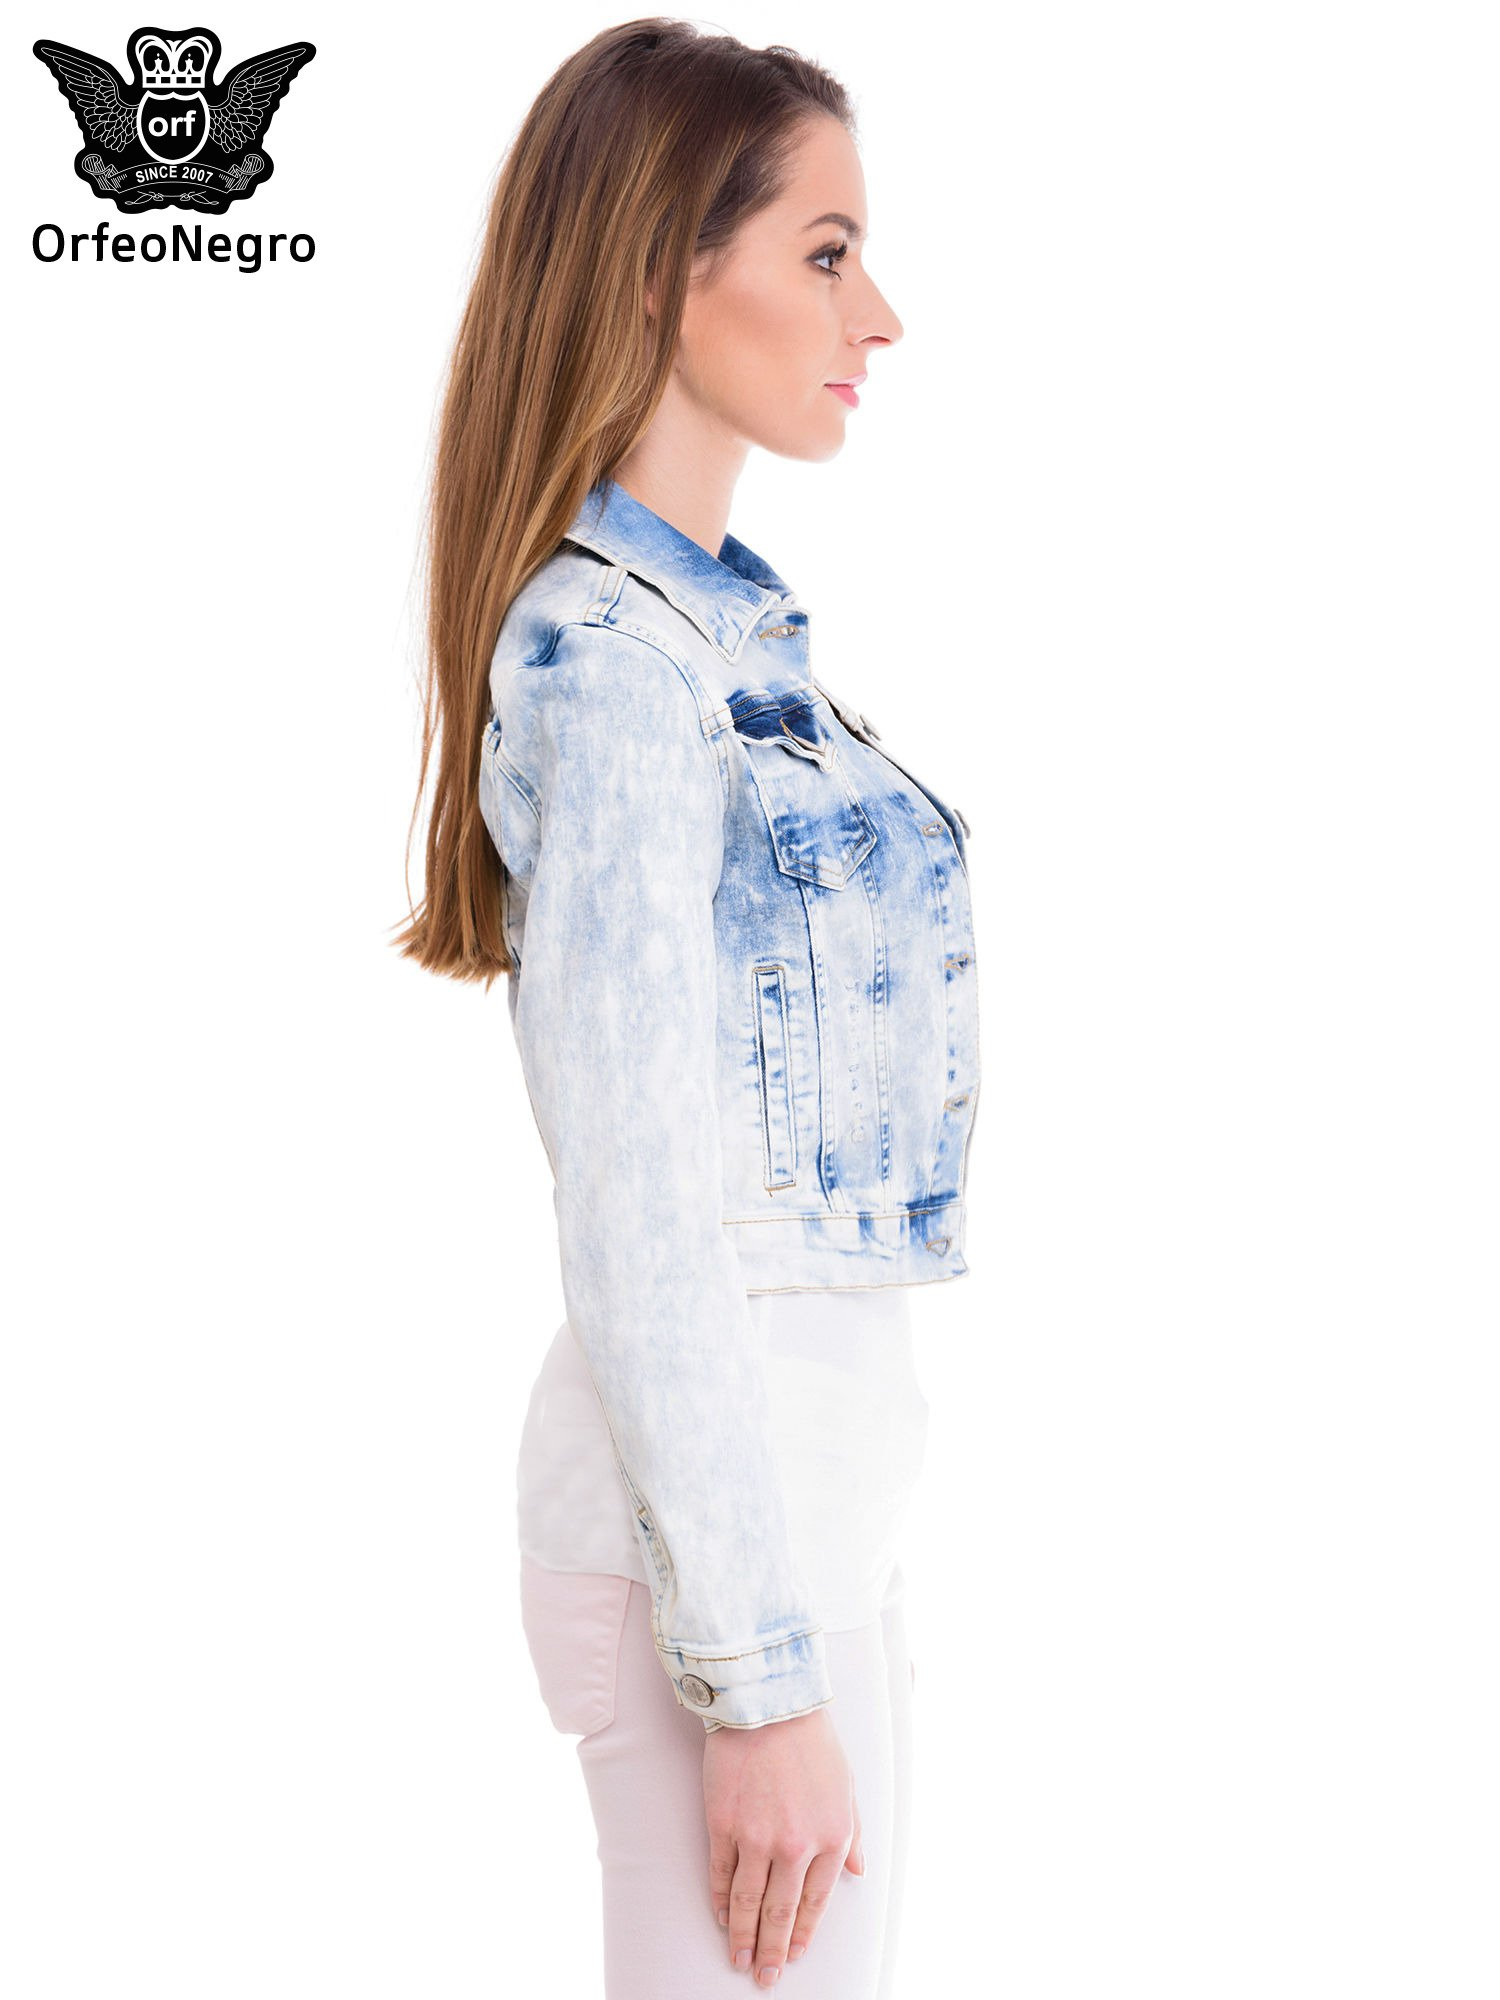 Niebieska marmurkowa kurtka jeansowa damska                                  zdj.                                  3